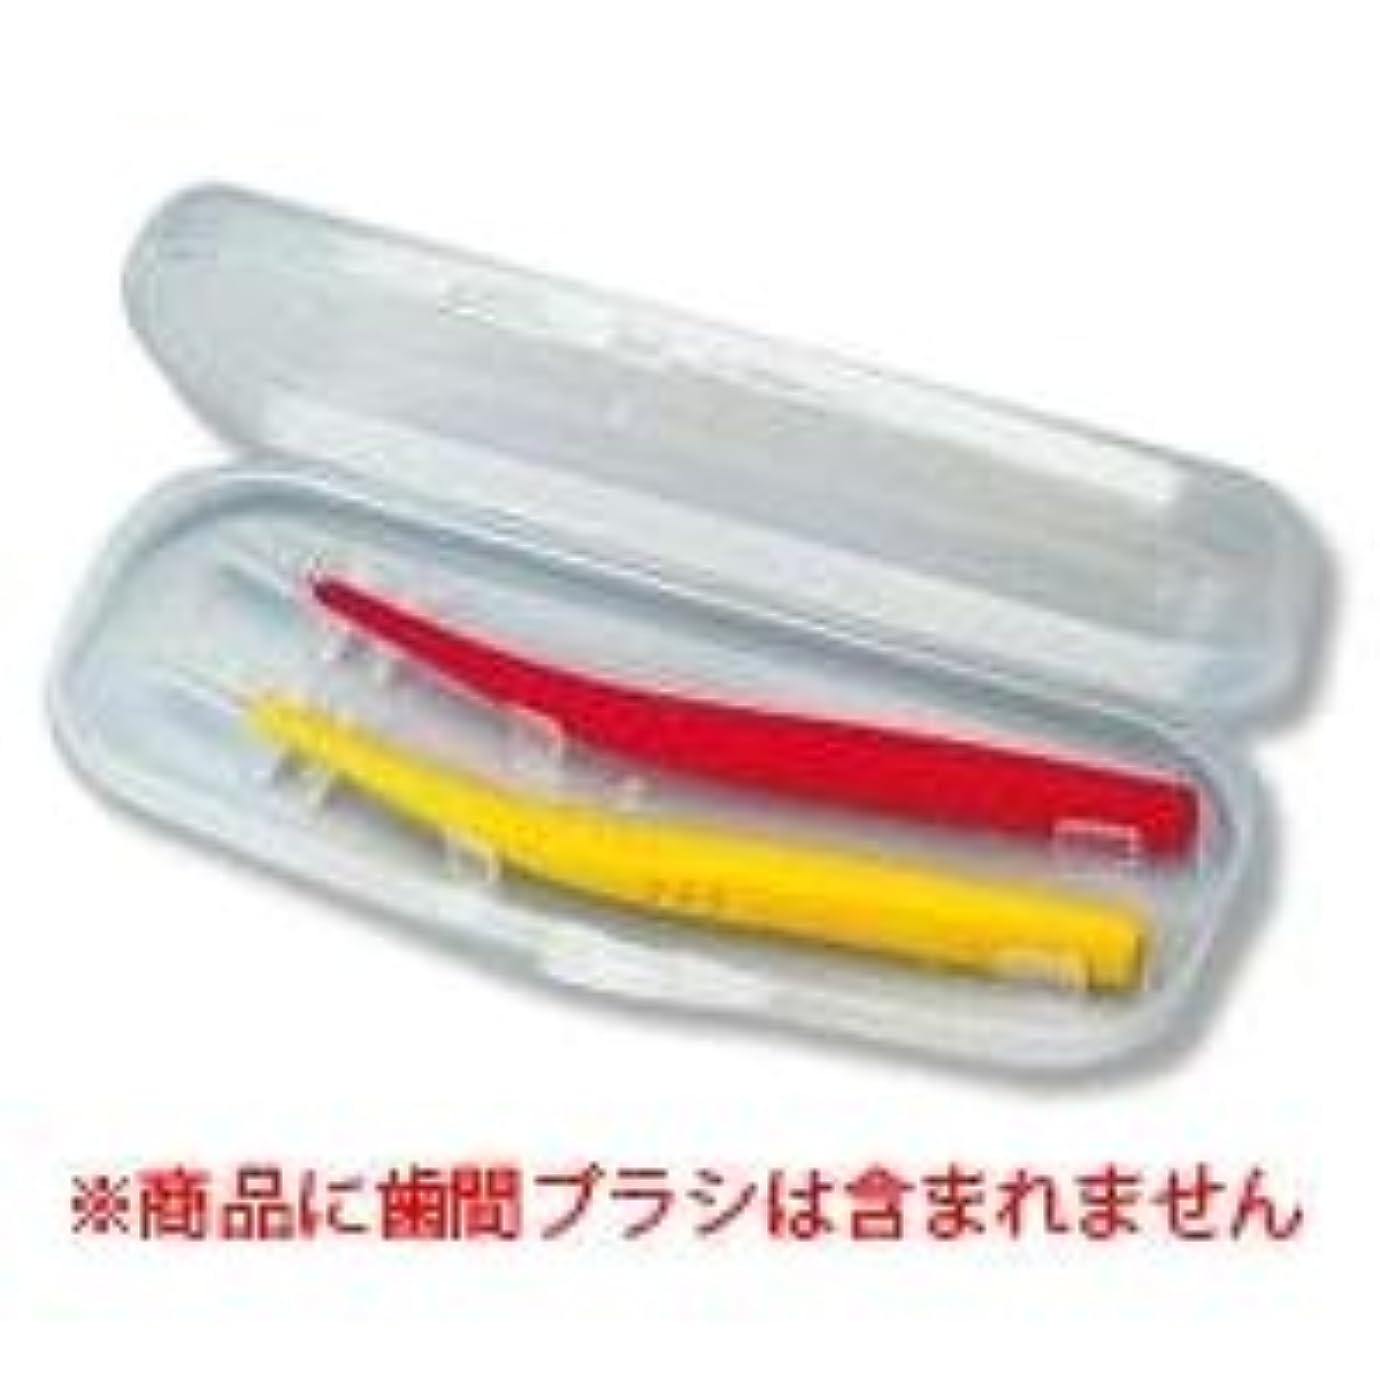 こしょうプロフェッショナルリングレット【ジーシー(GC)】【歯科用】プロスペック歯間ブラシ カーブ ケース 1個【歯間ブラシケース】